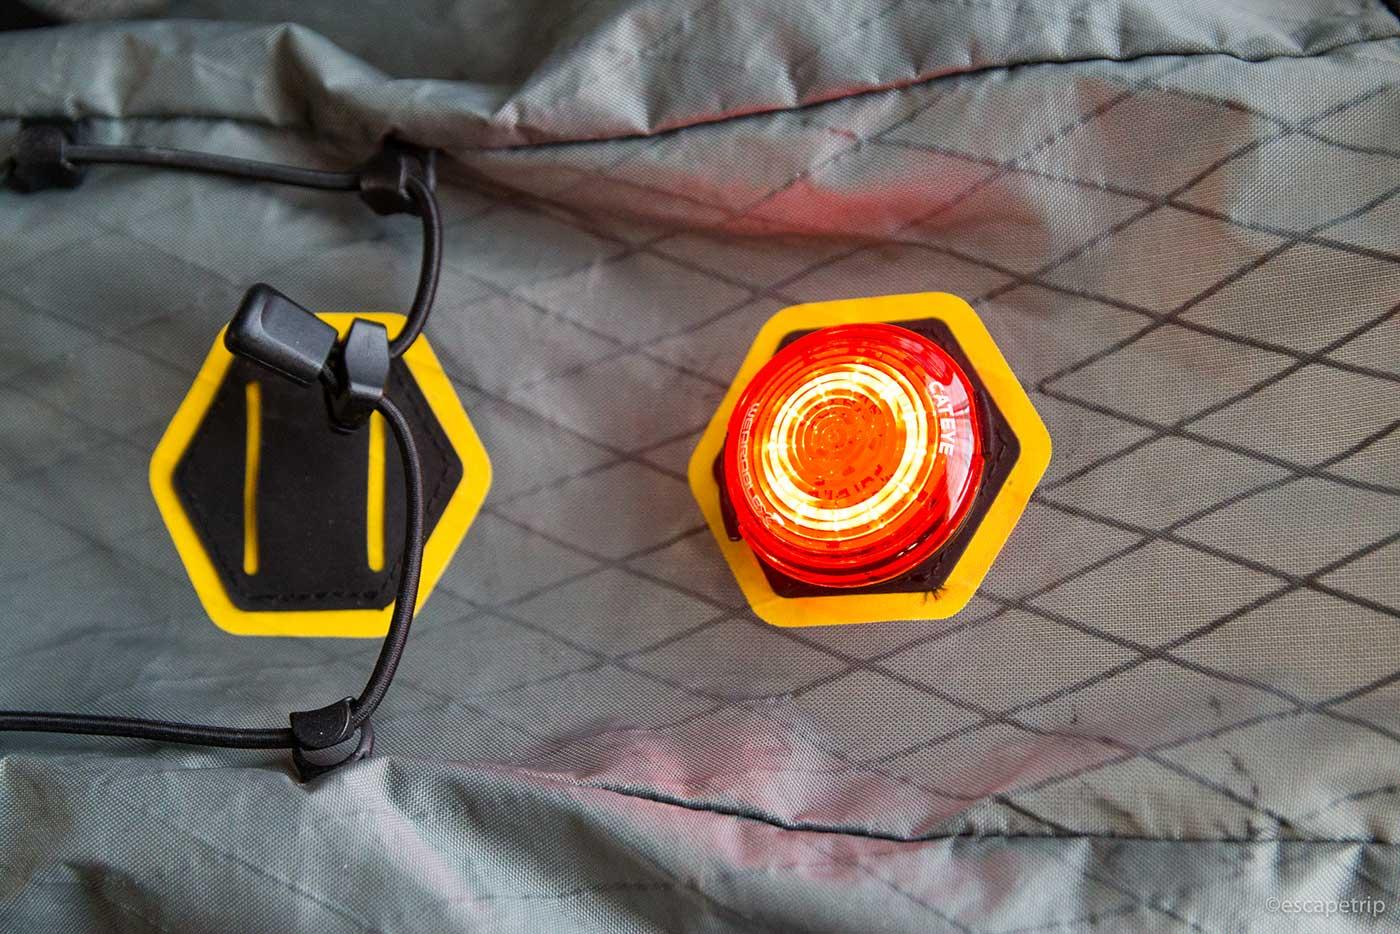 サドルバッグにクリップ式ライトを装着